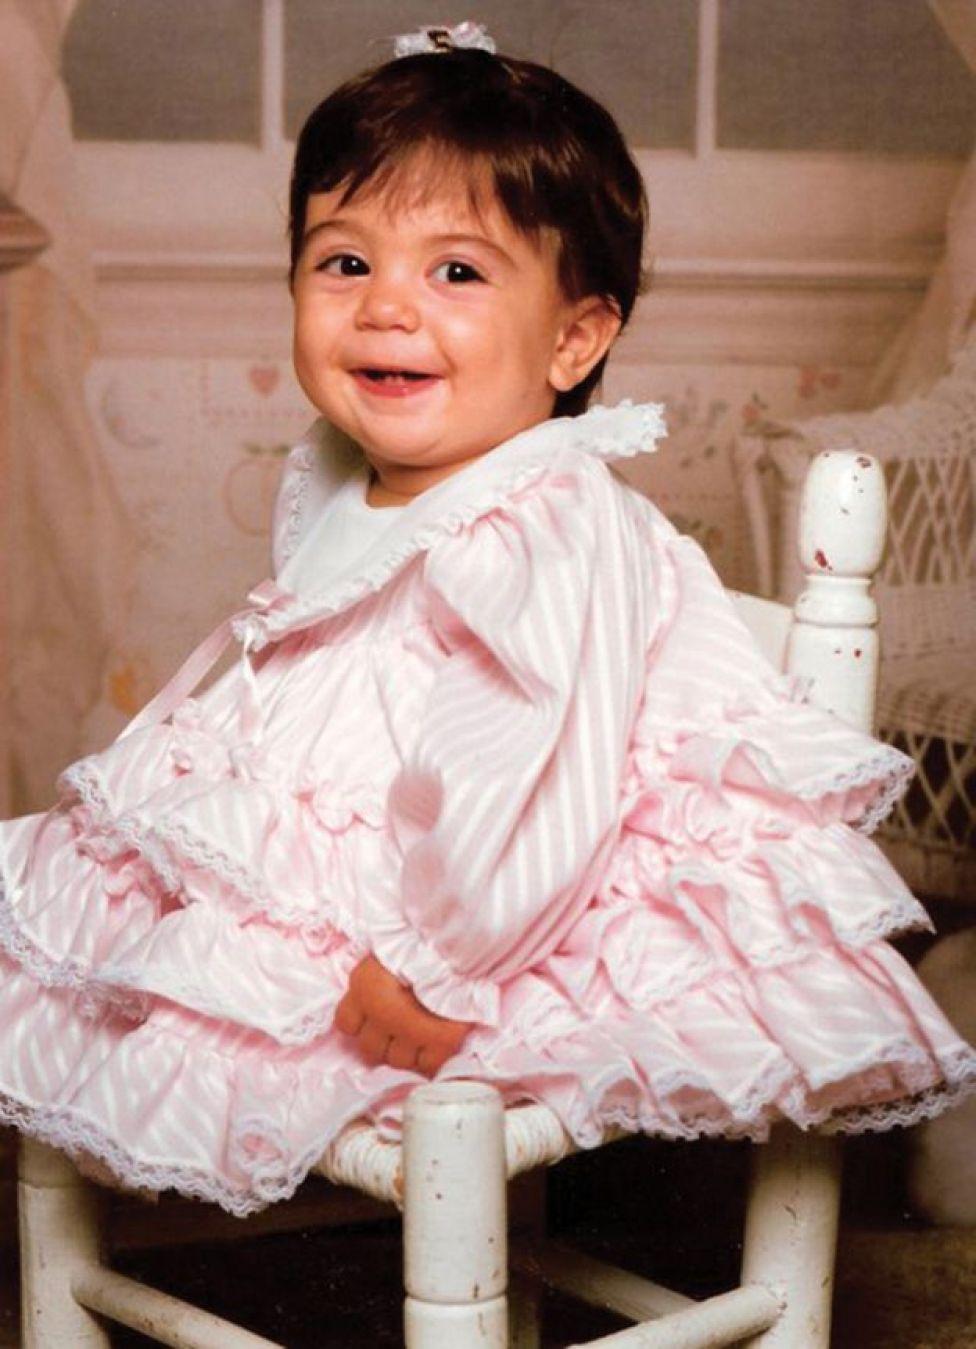 Jennifer Bricker com 1 ano de idade